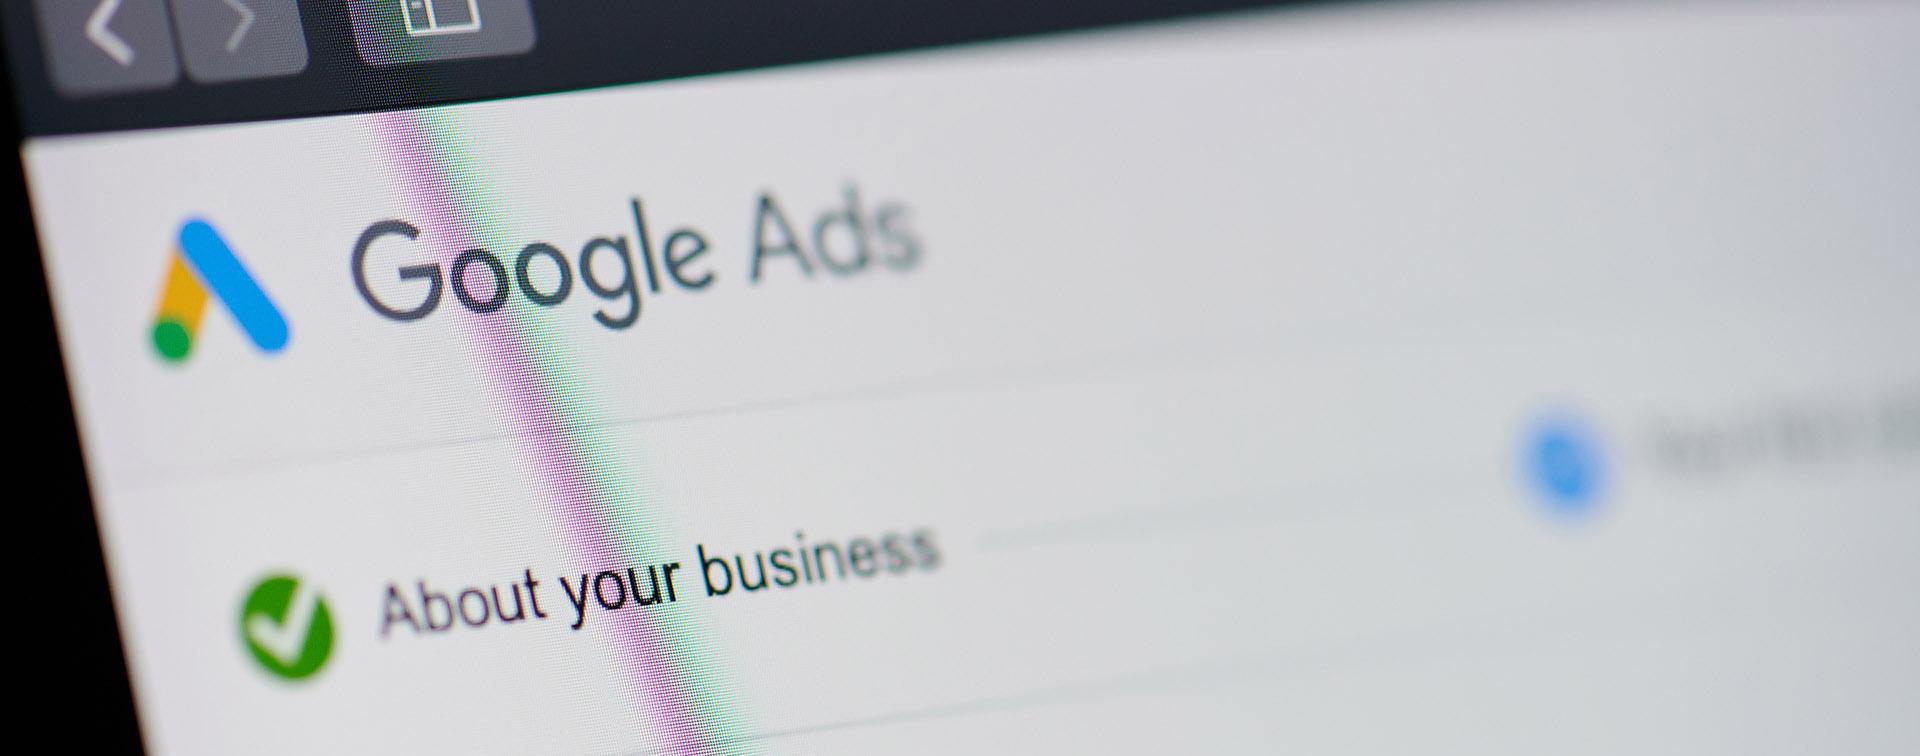 Google Ads met à jour son éditeur de rapports||pour l'analyse de données